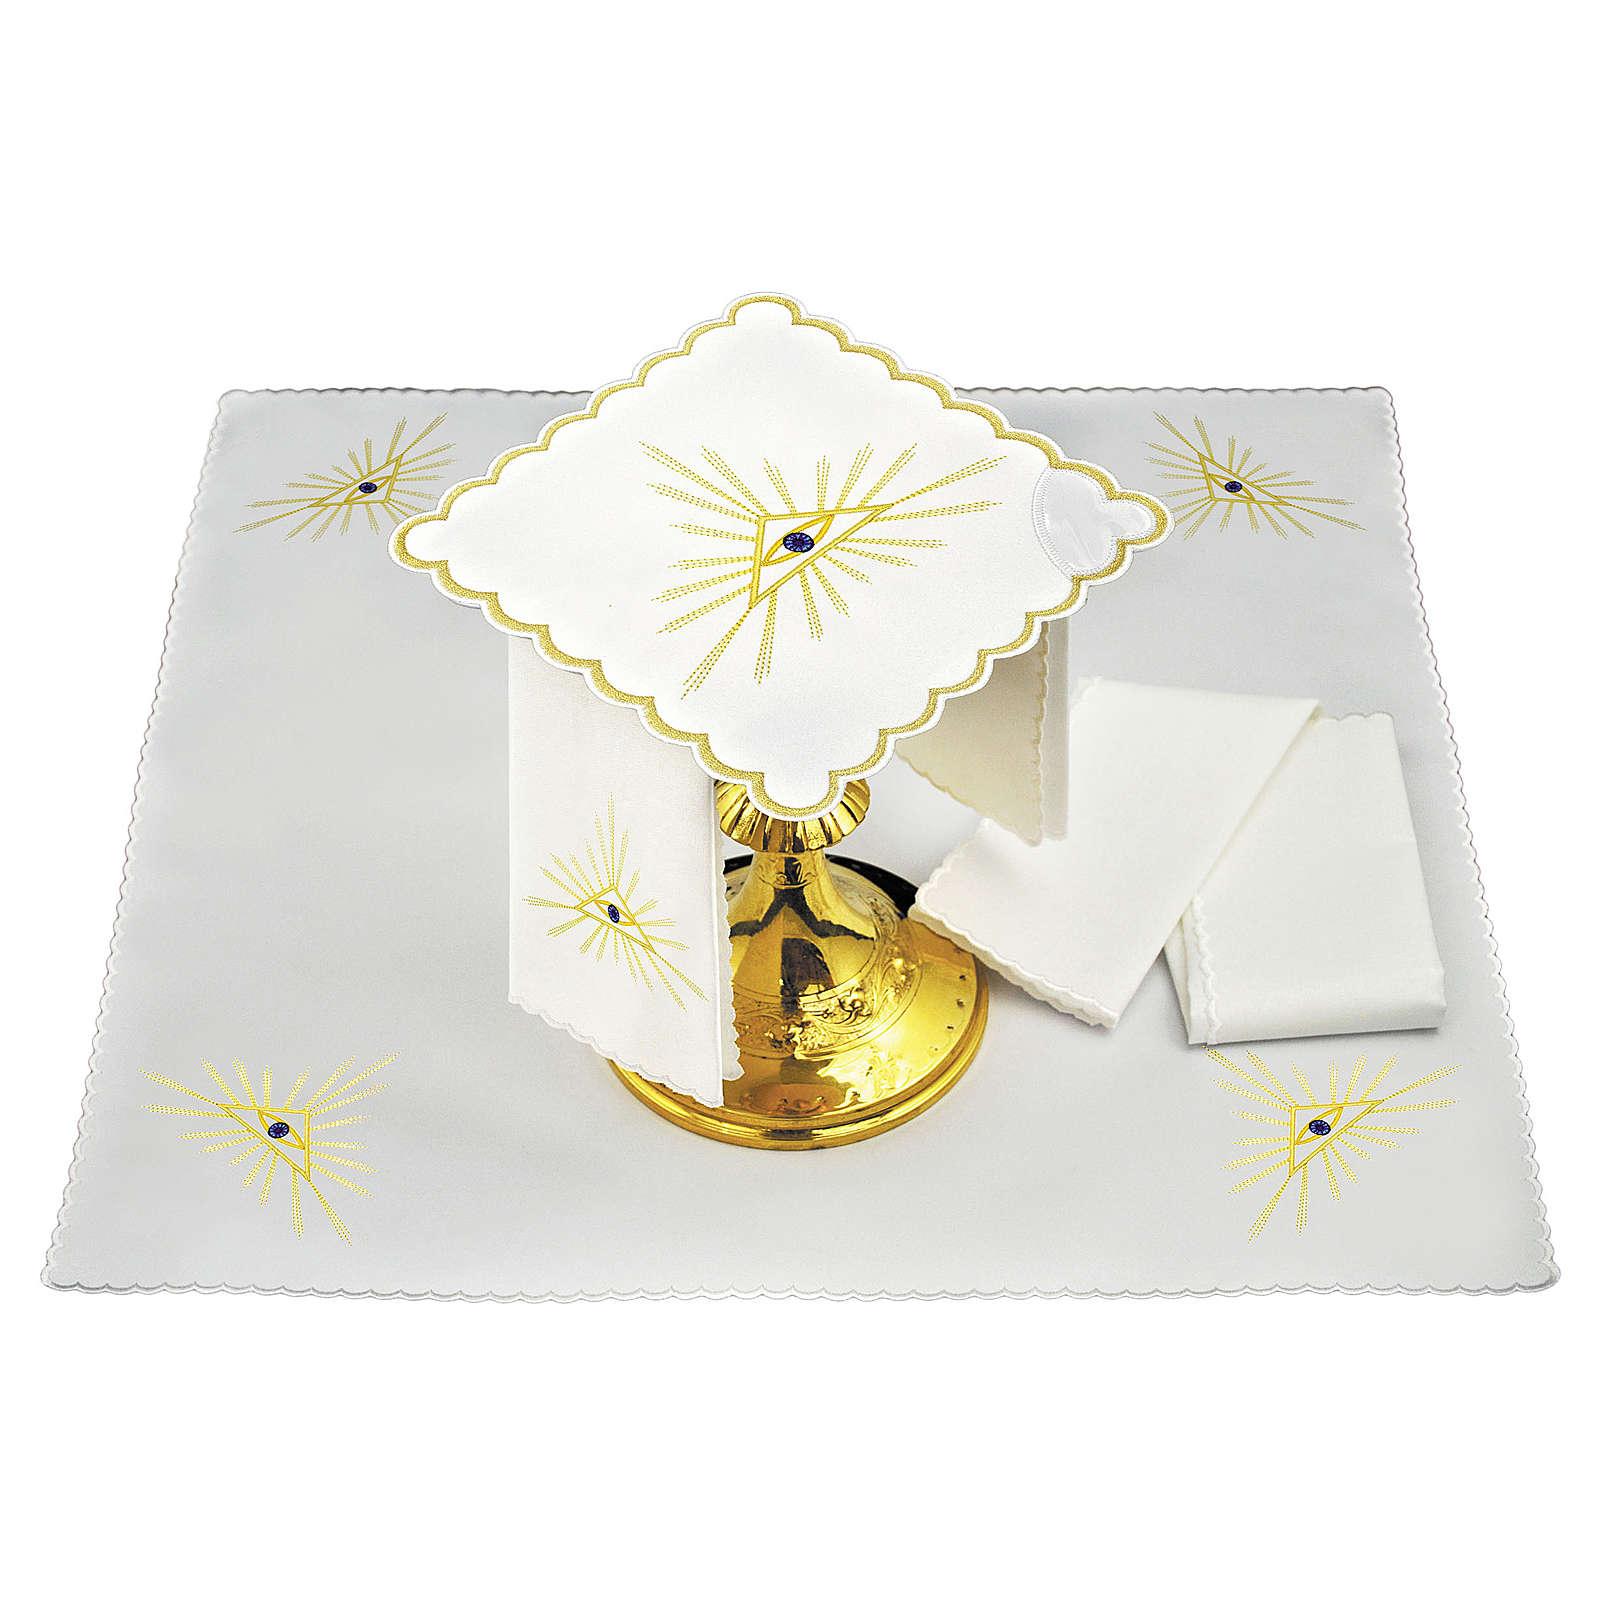 Servizio da altare lino raggi dorati e Occhio di Dio 4